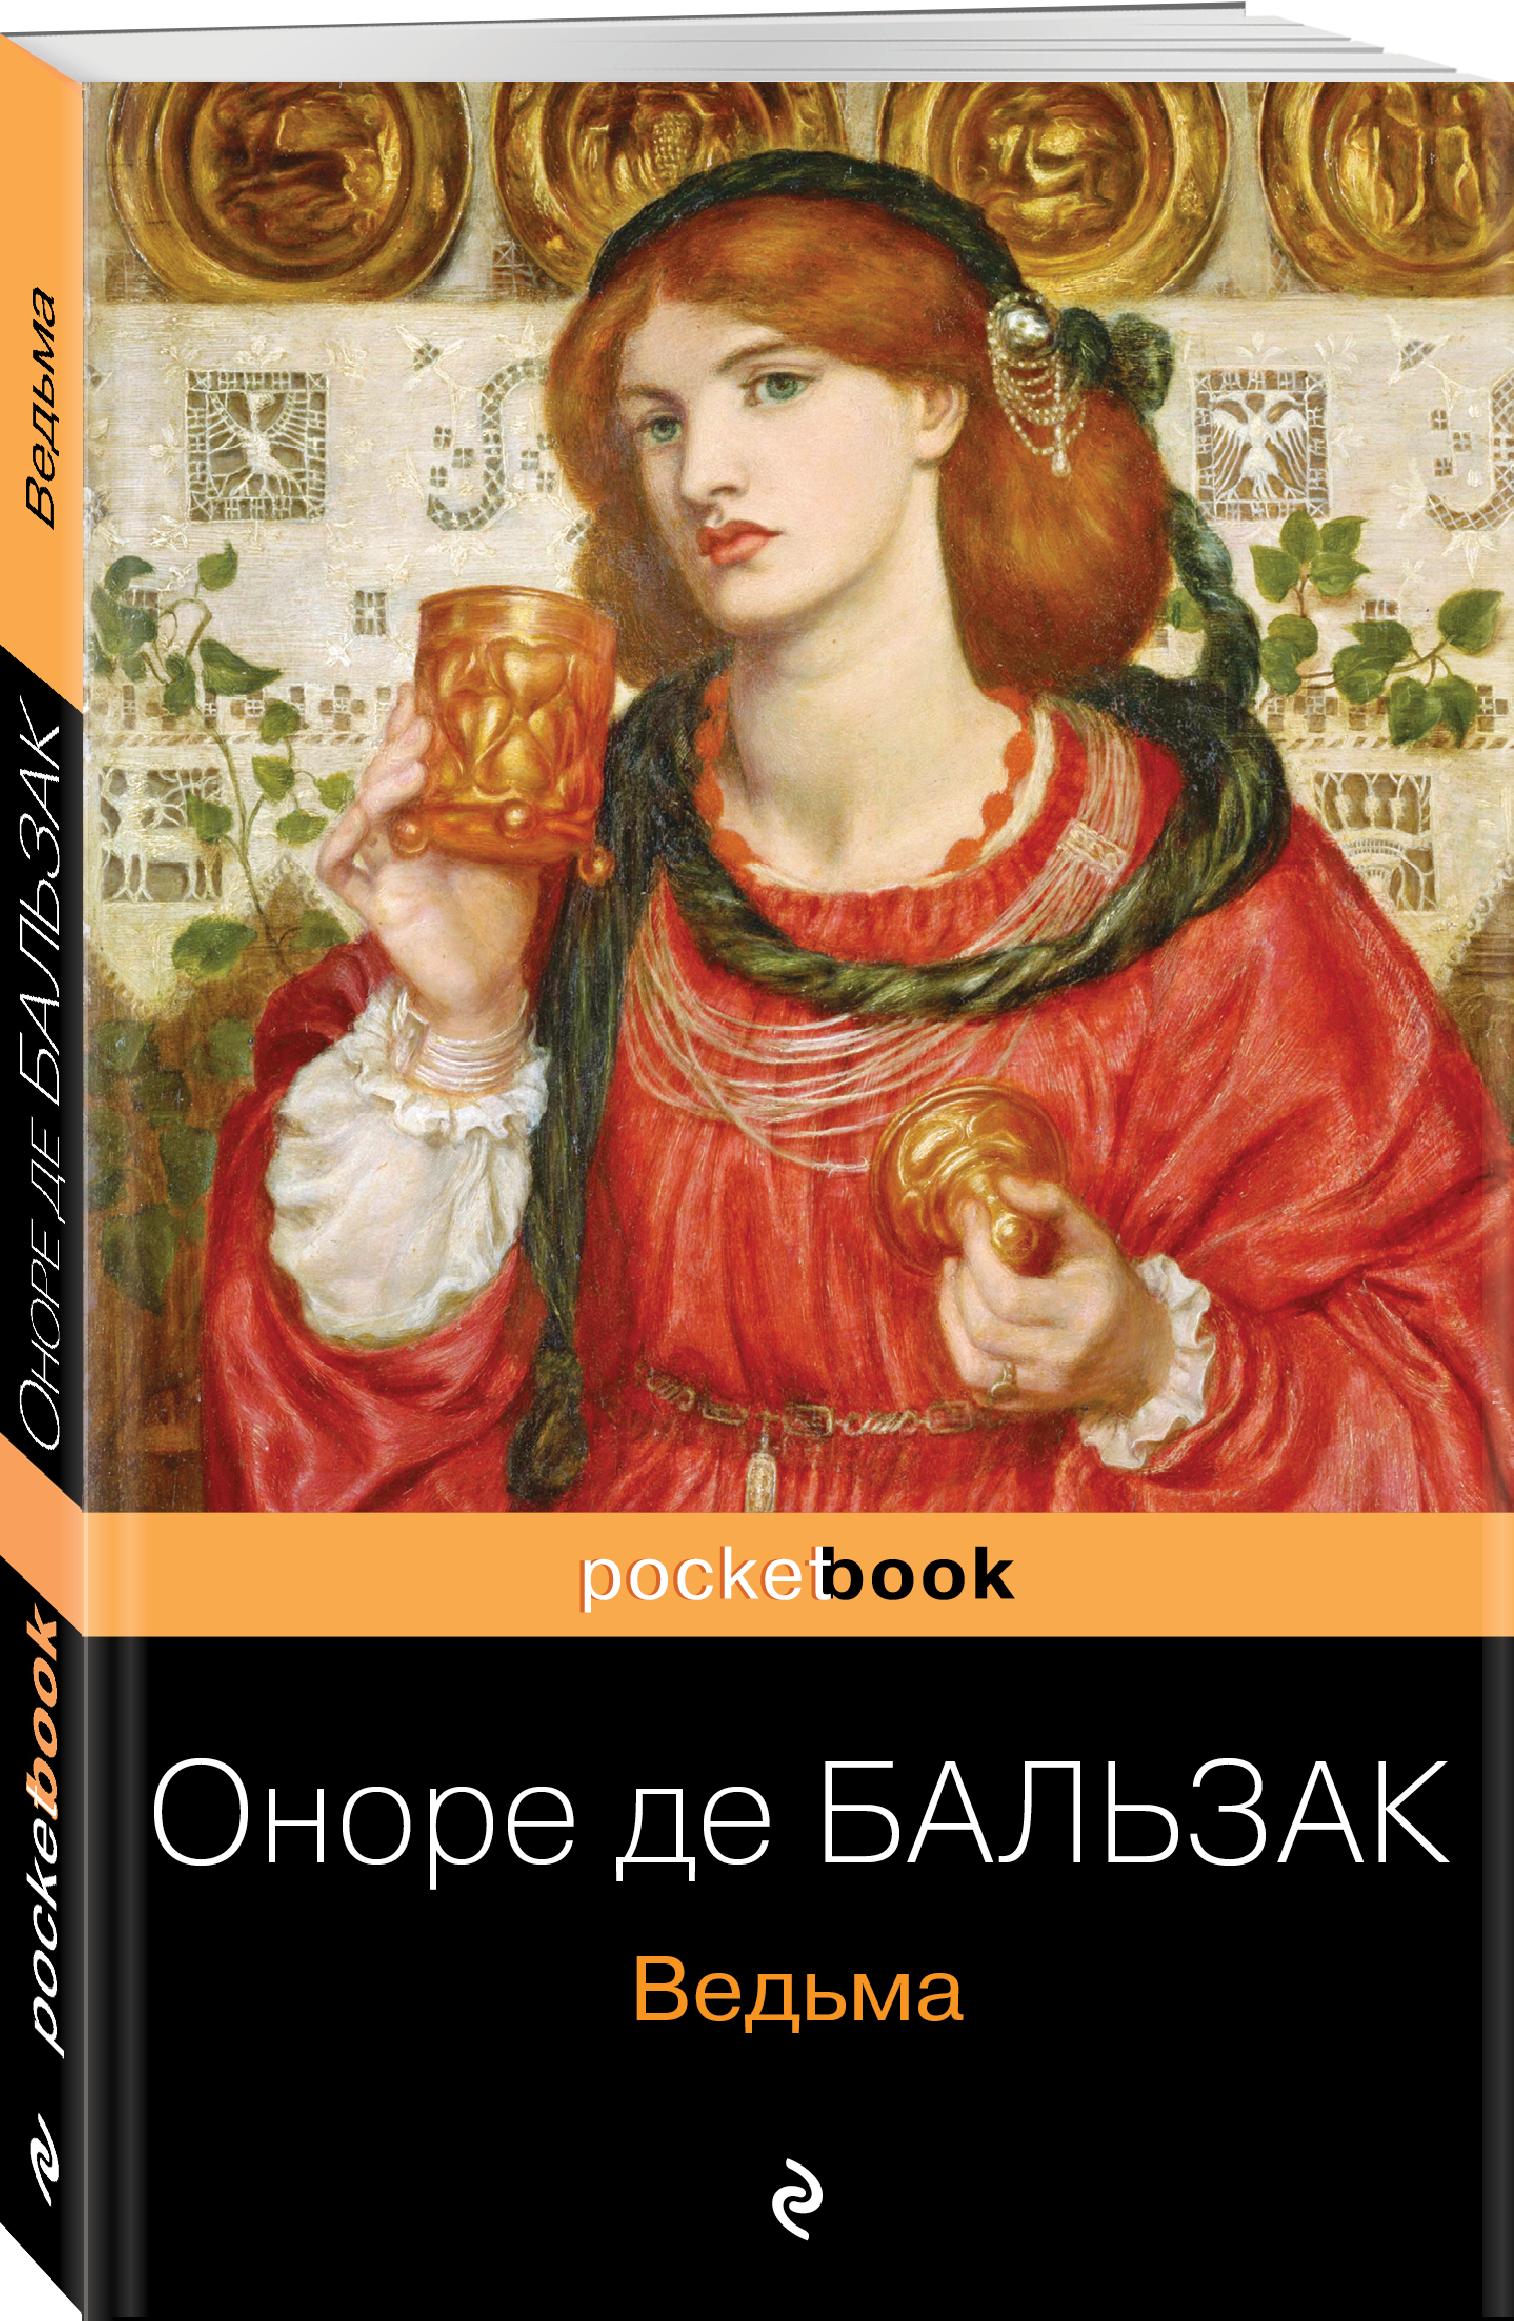 Оноре де Бальзак Ведьма